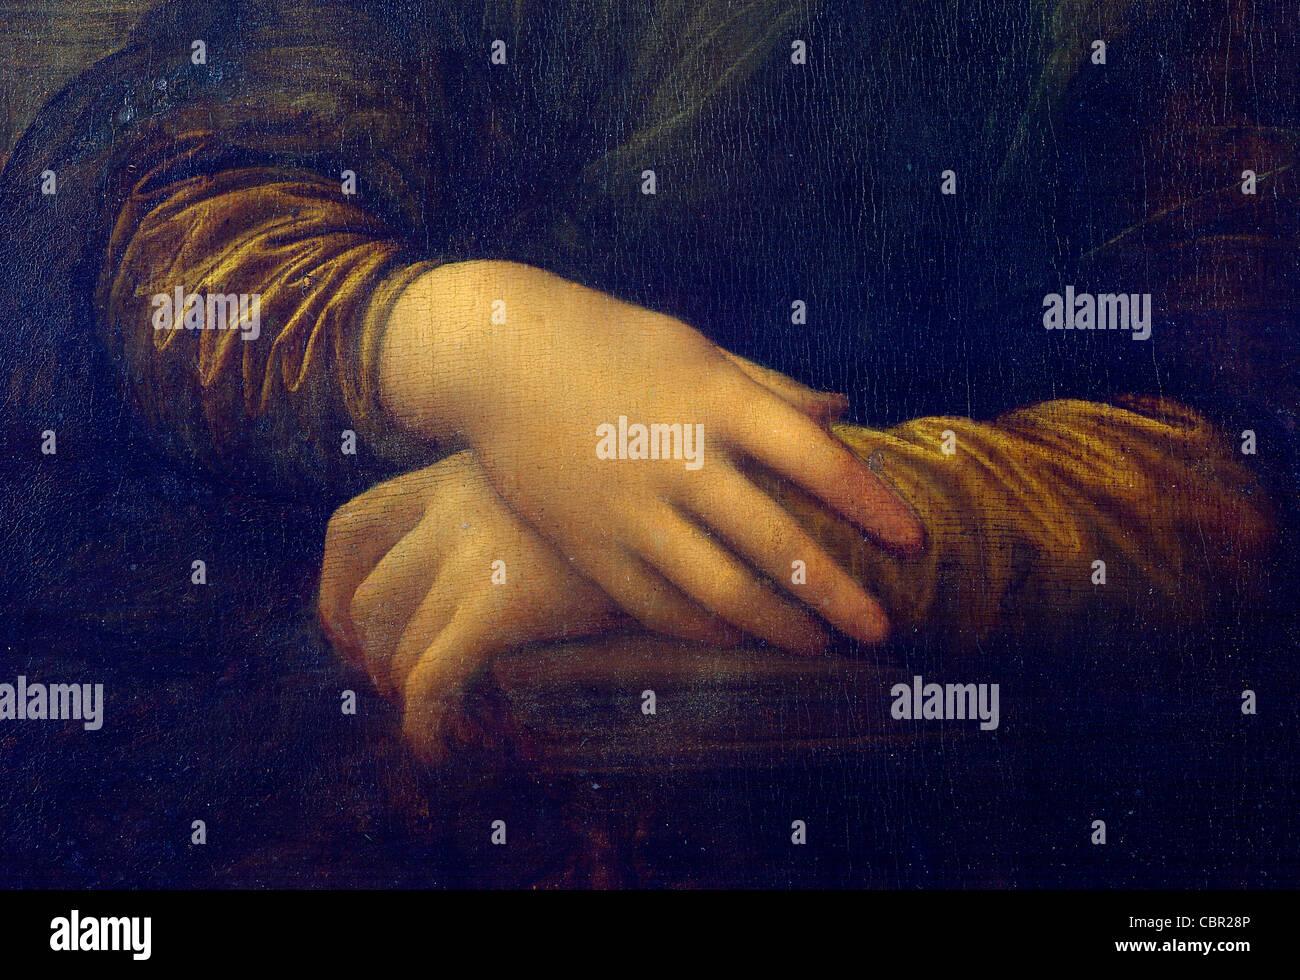 Las manos de la Mona Lisa de Leonardo da Vinci Imagen De Stock